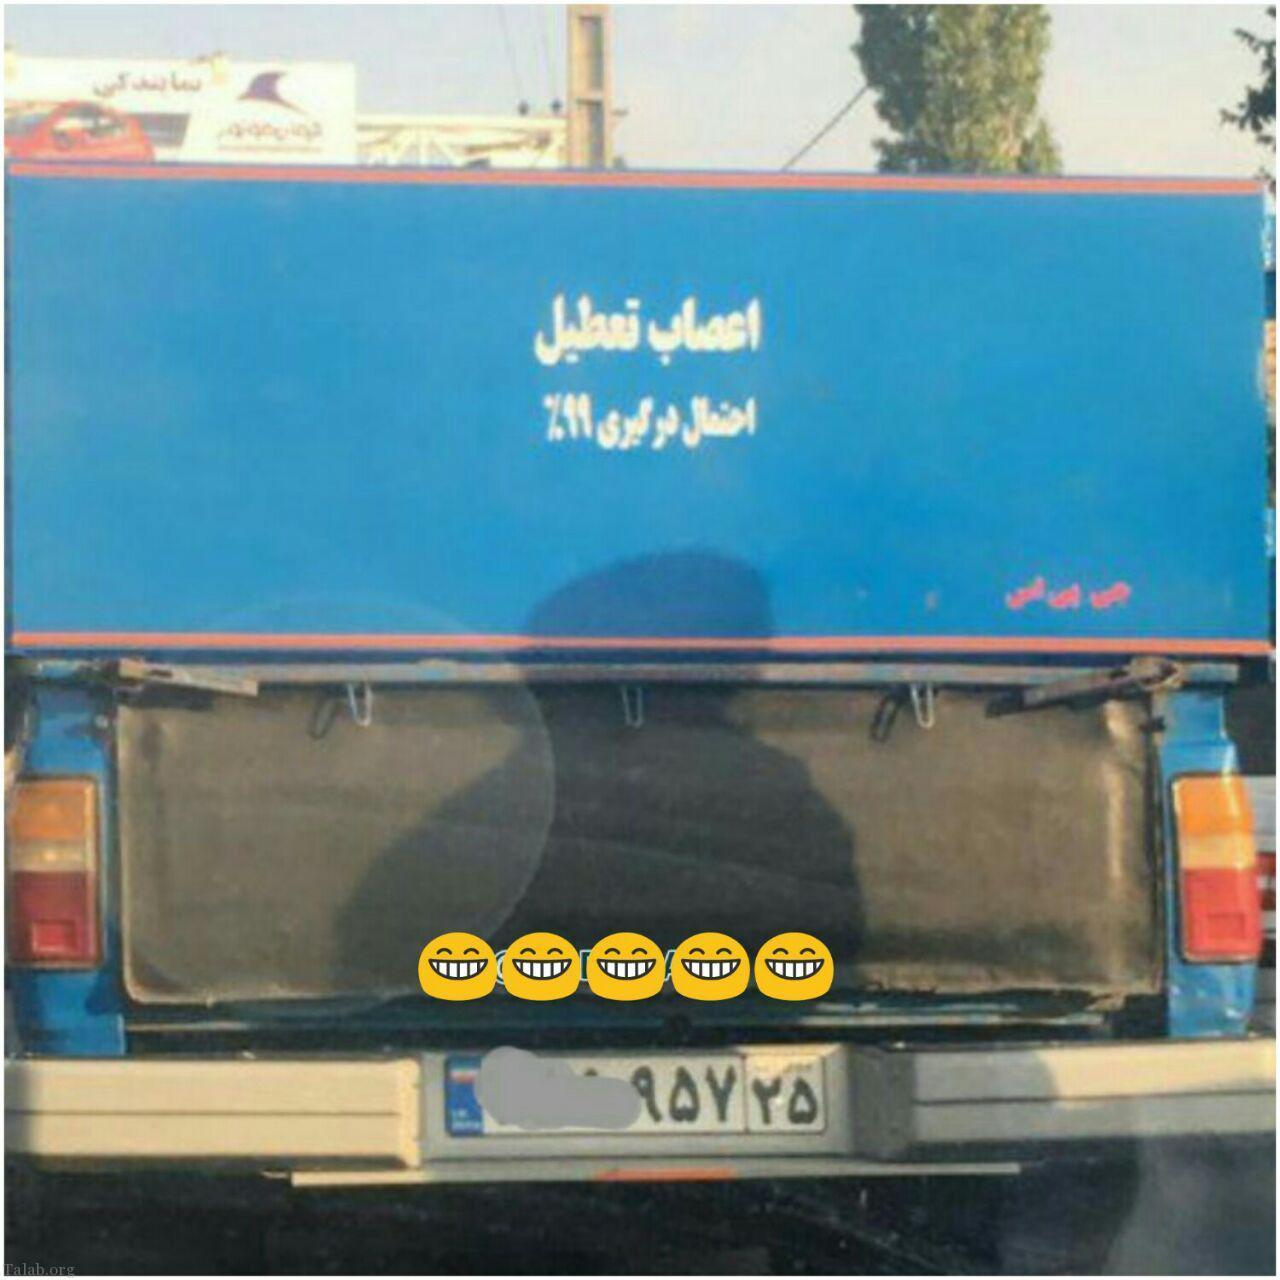 عکس های خنده دار و بامزه ایران و جهان (62)